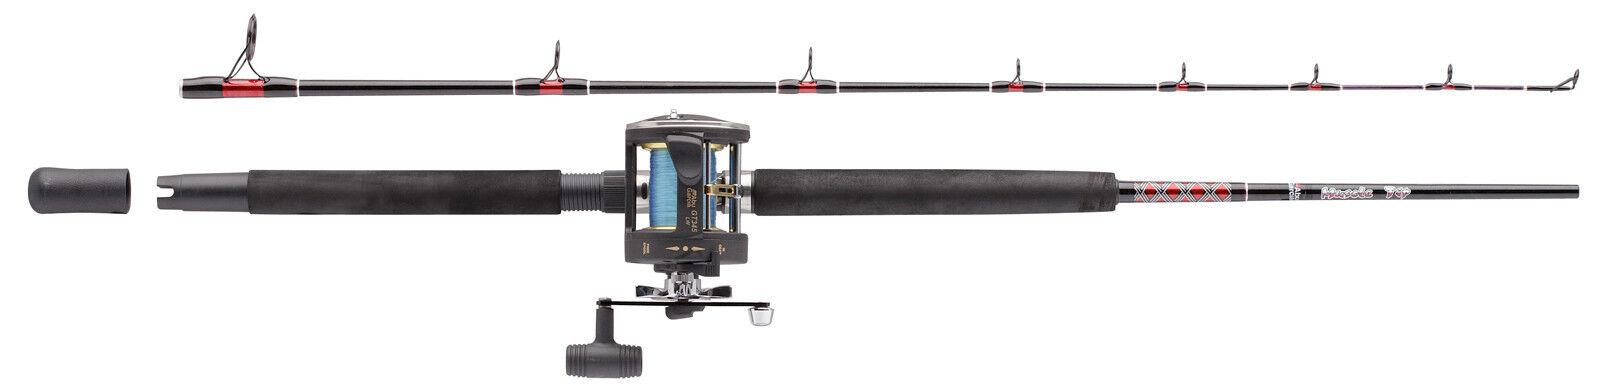 Abu Garcia Muscle Tip Boat Rod & Reel 6 & 7 Ft Solid Glass Tip & Multipler Reel